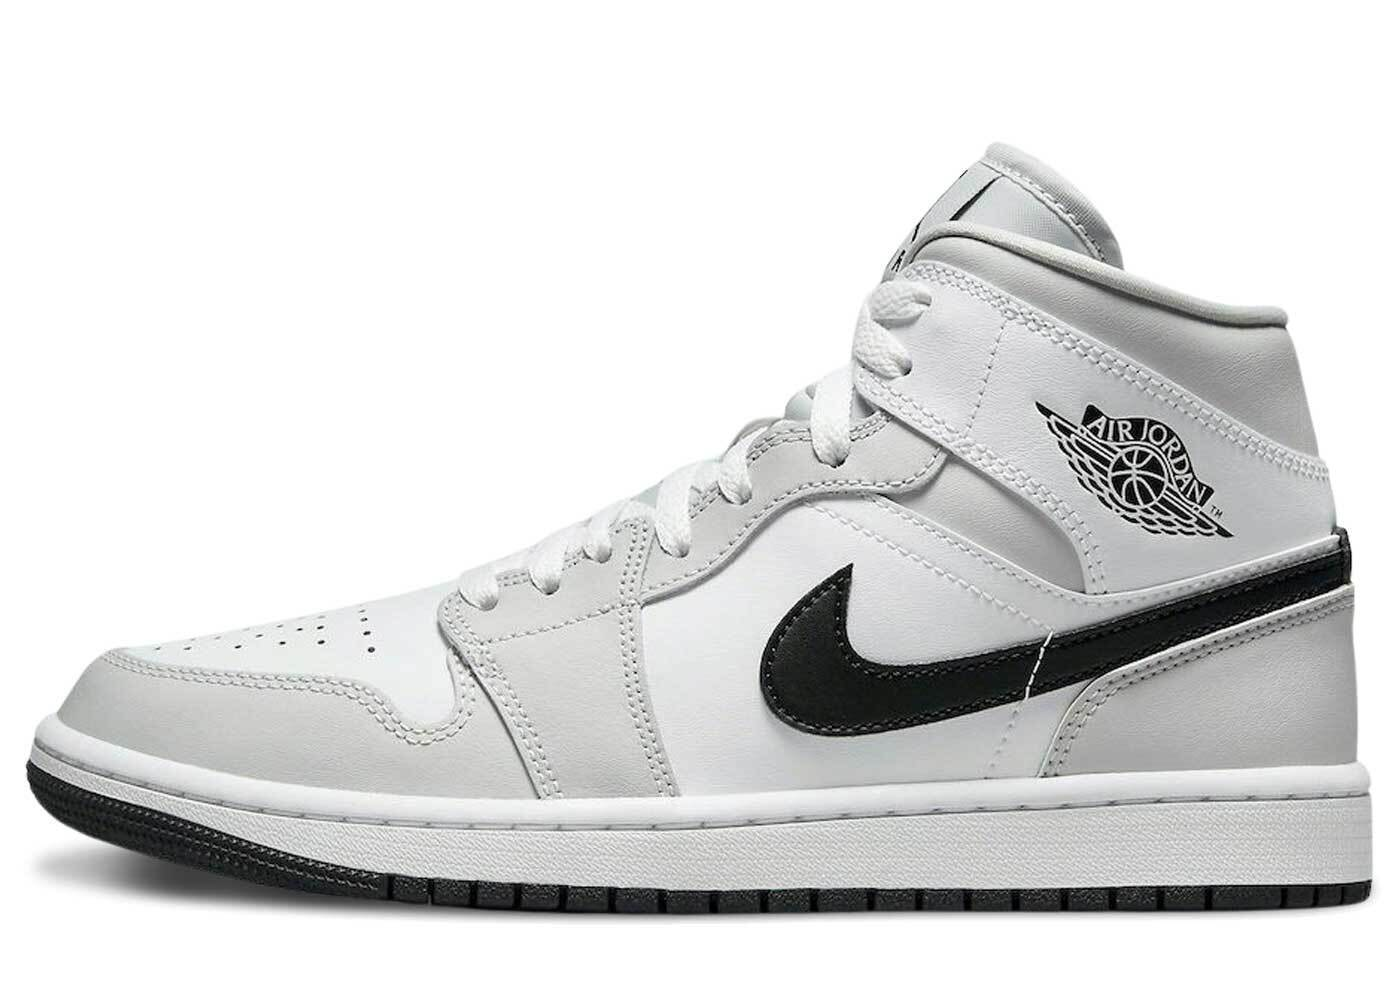 Nike Air Jordan 1 Mid White Gray Womensの写真